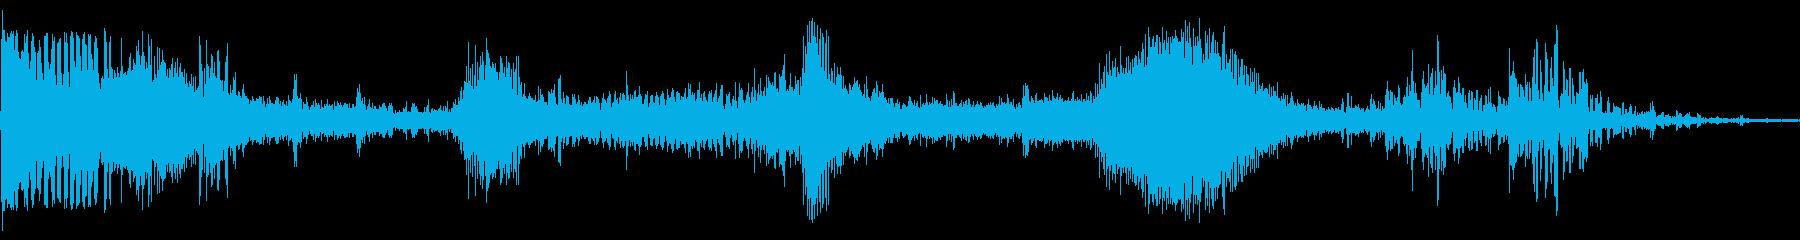 フォードTバードスタート、アイドル...の再生済みの波形